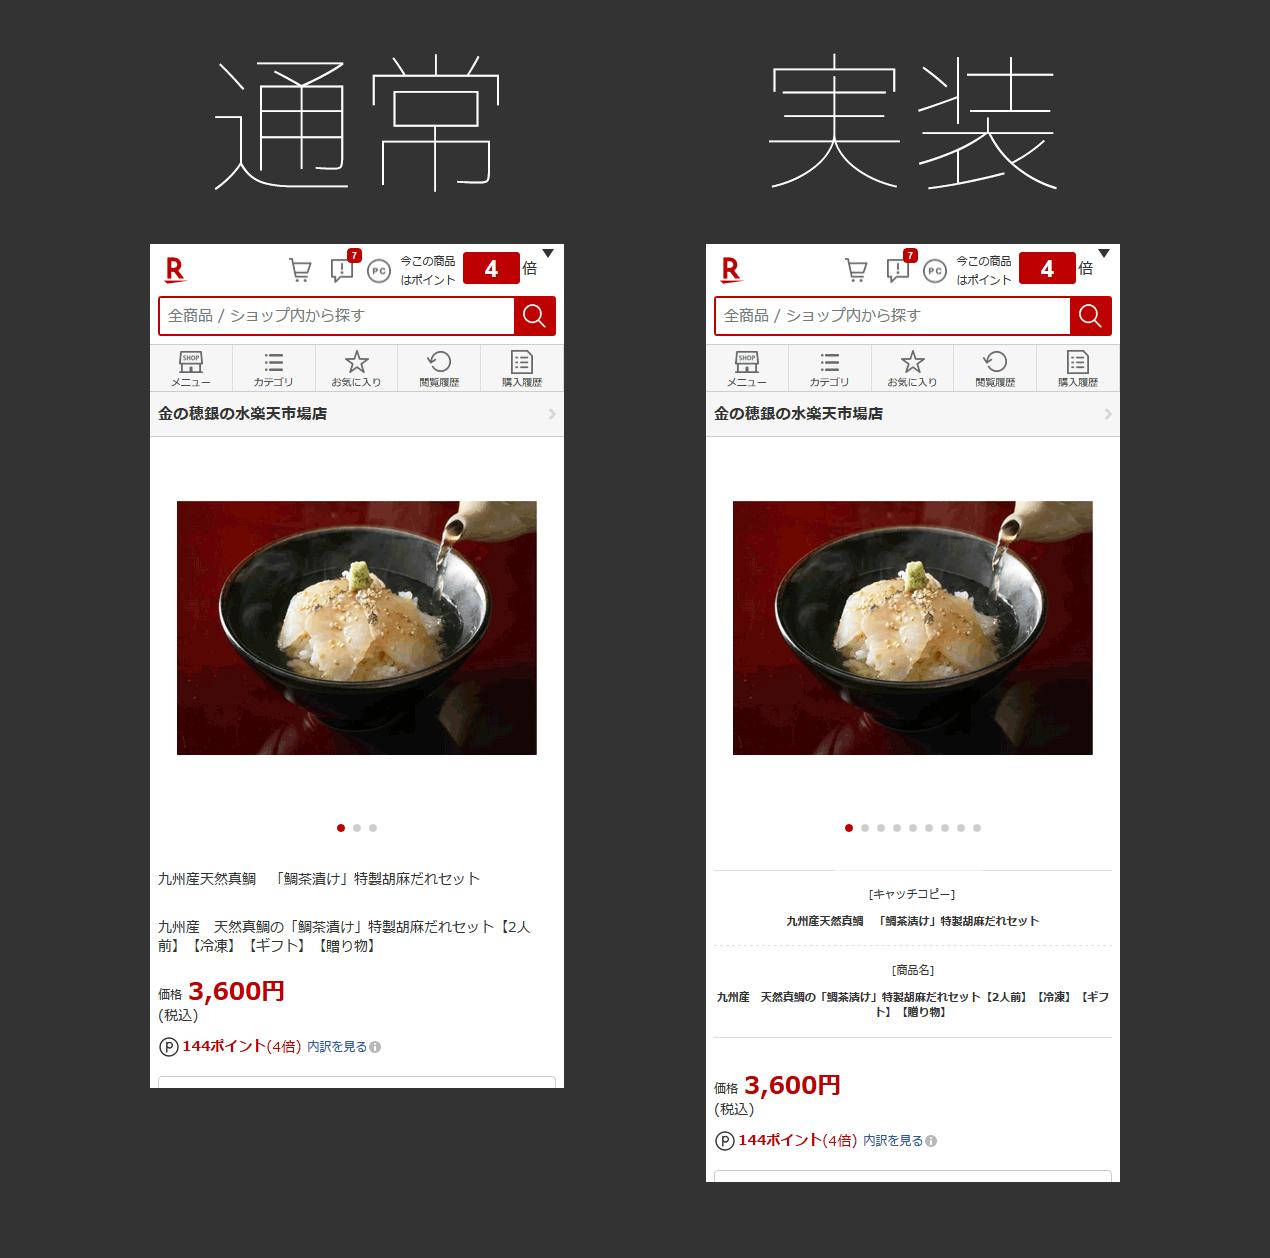 スマホ商品ページ商品名とキャッチコピーカスタマイズ例-楽天